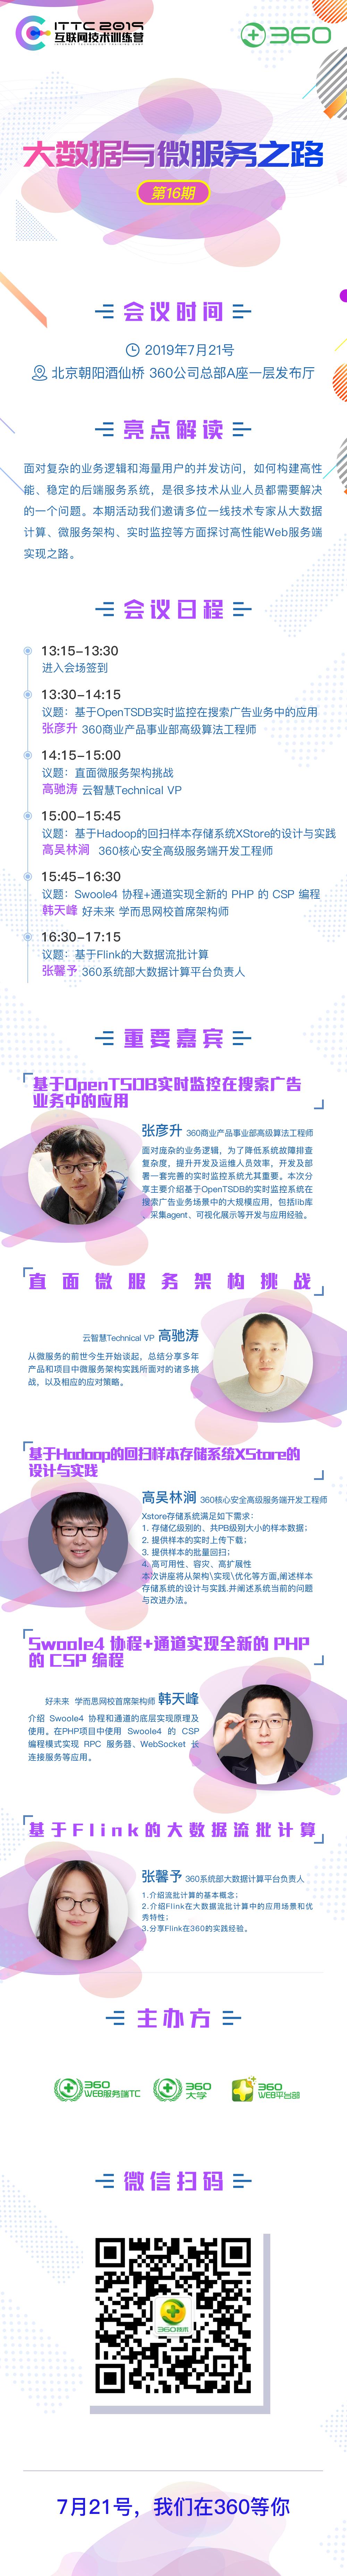 360互联网技术训练营201916期文案_01.png